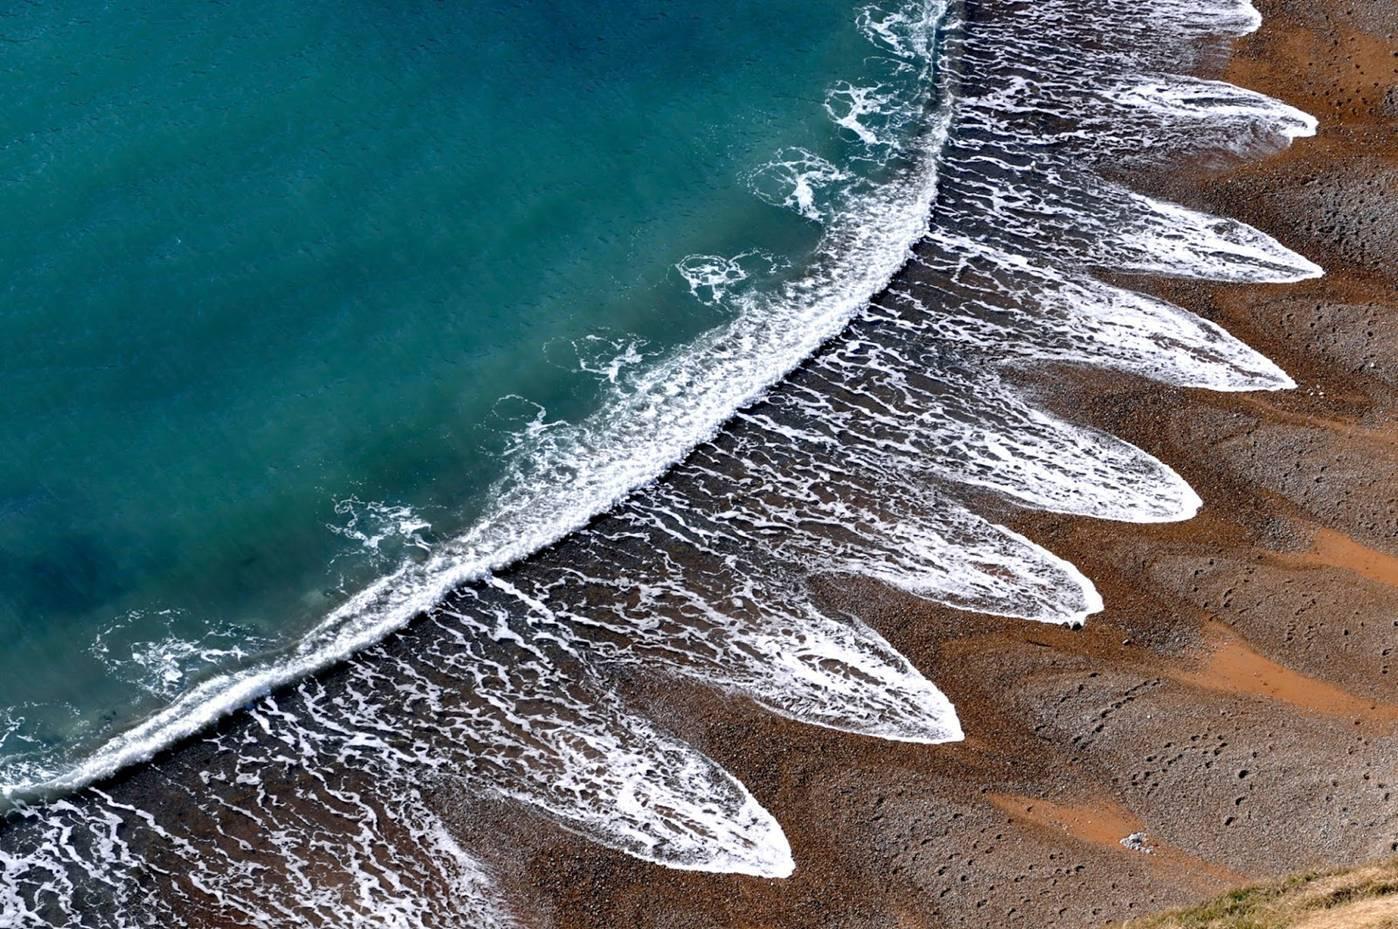 bí ẩn những con sóng anh